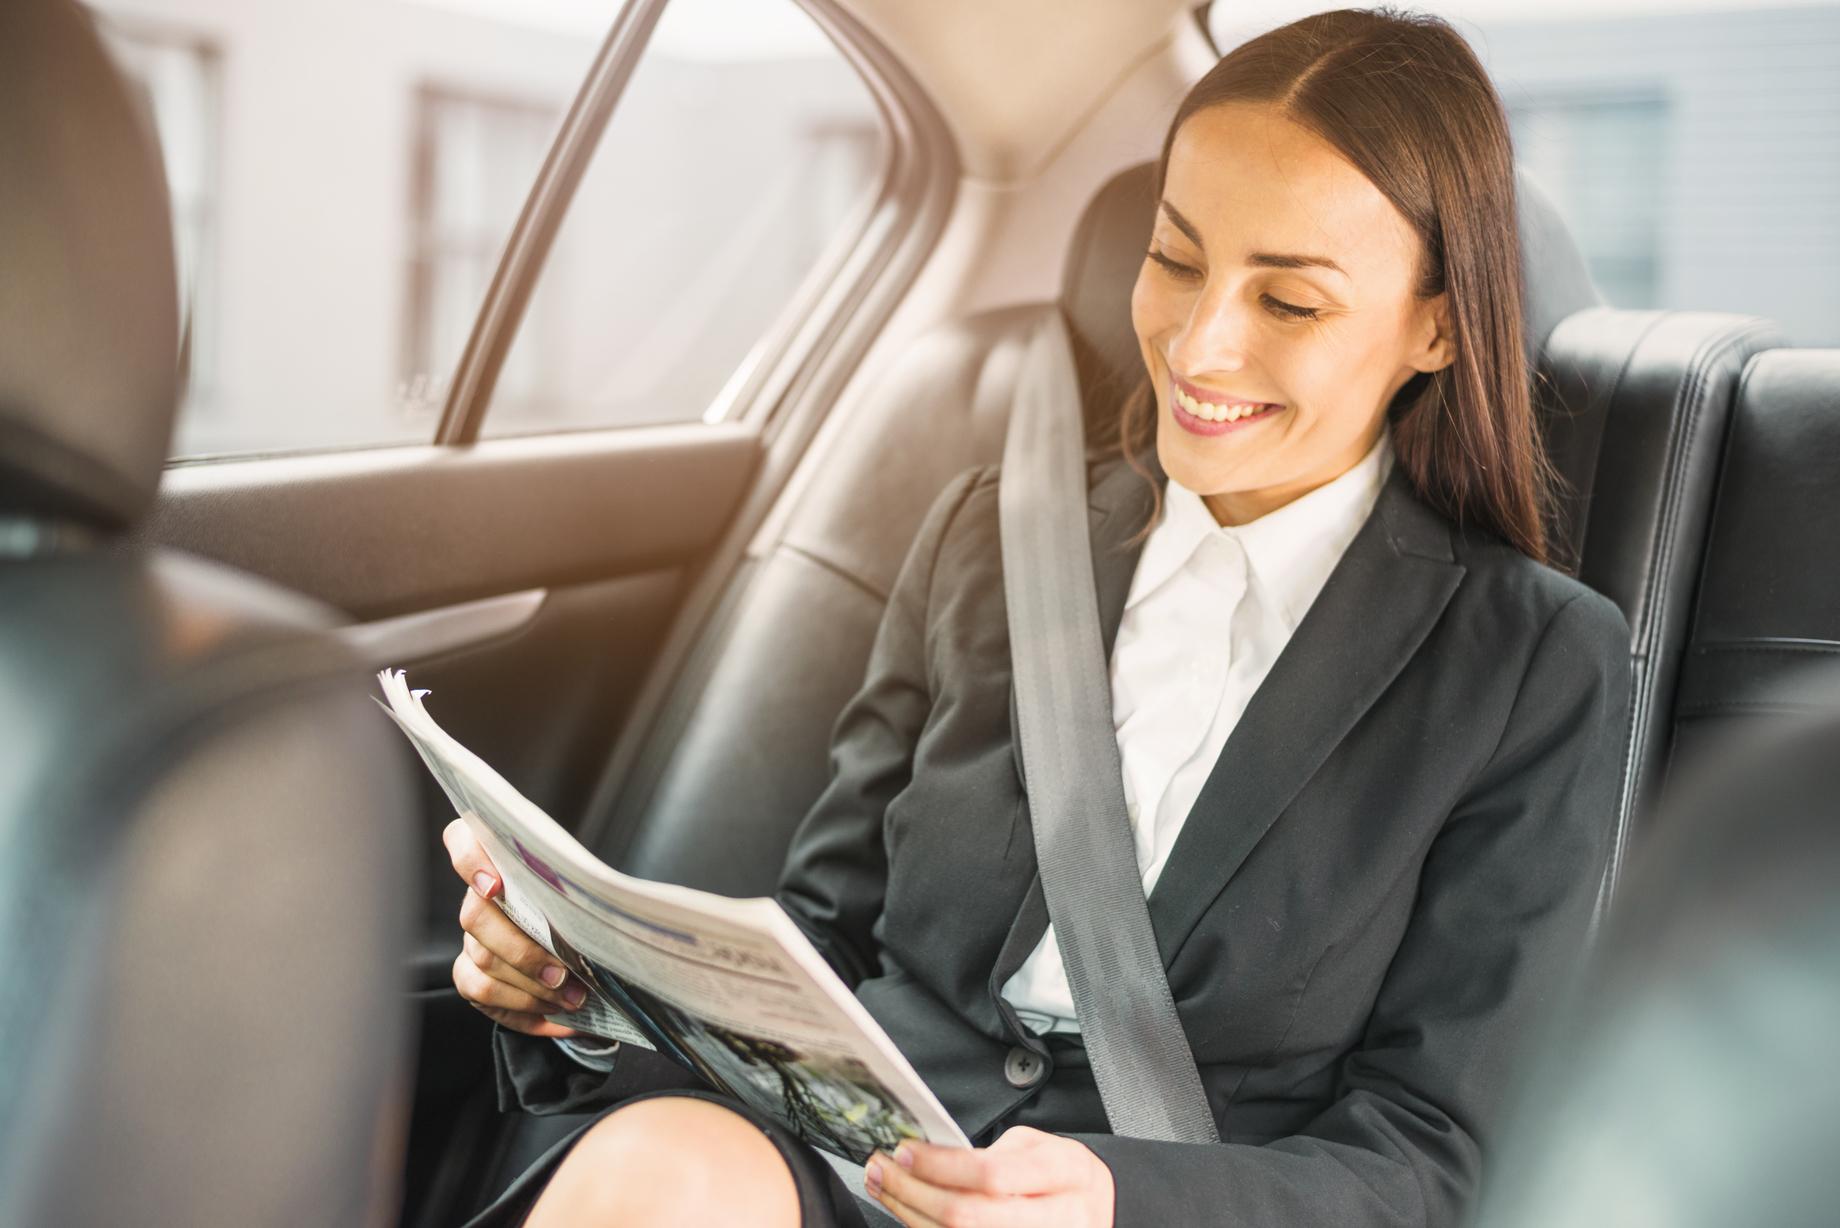 femme d'affaire dans un taxi